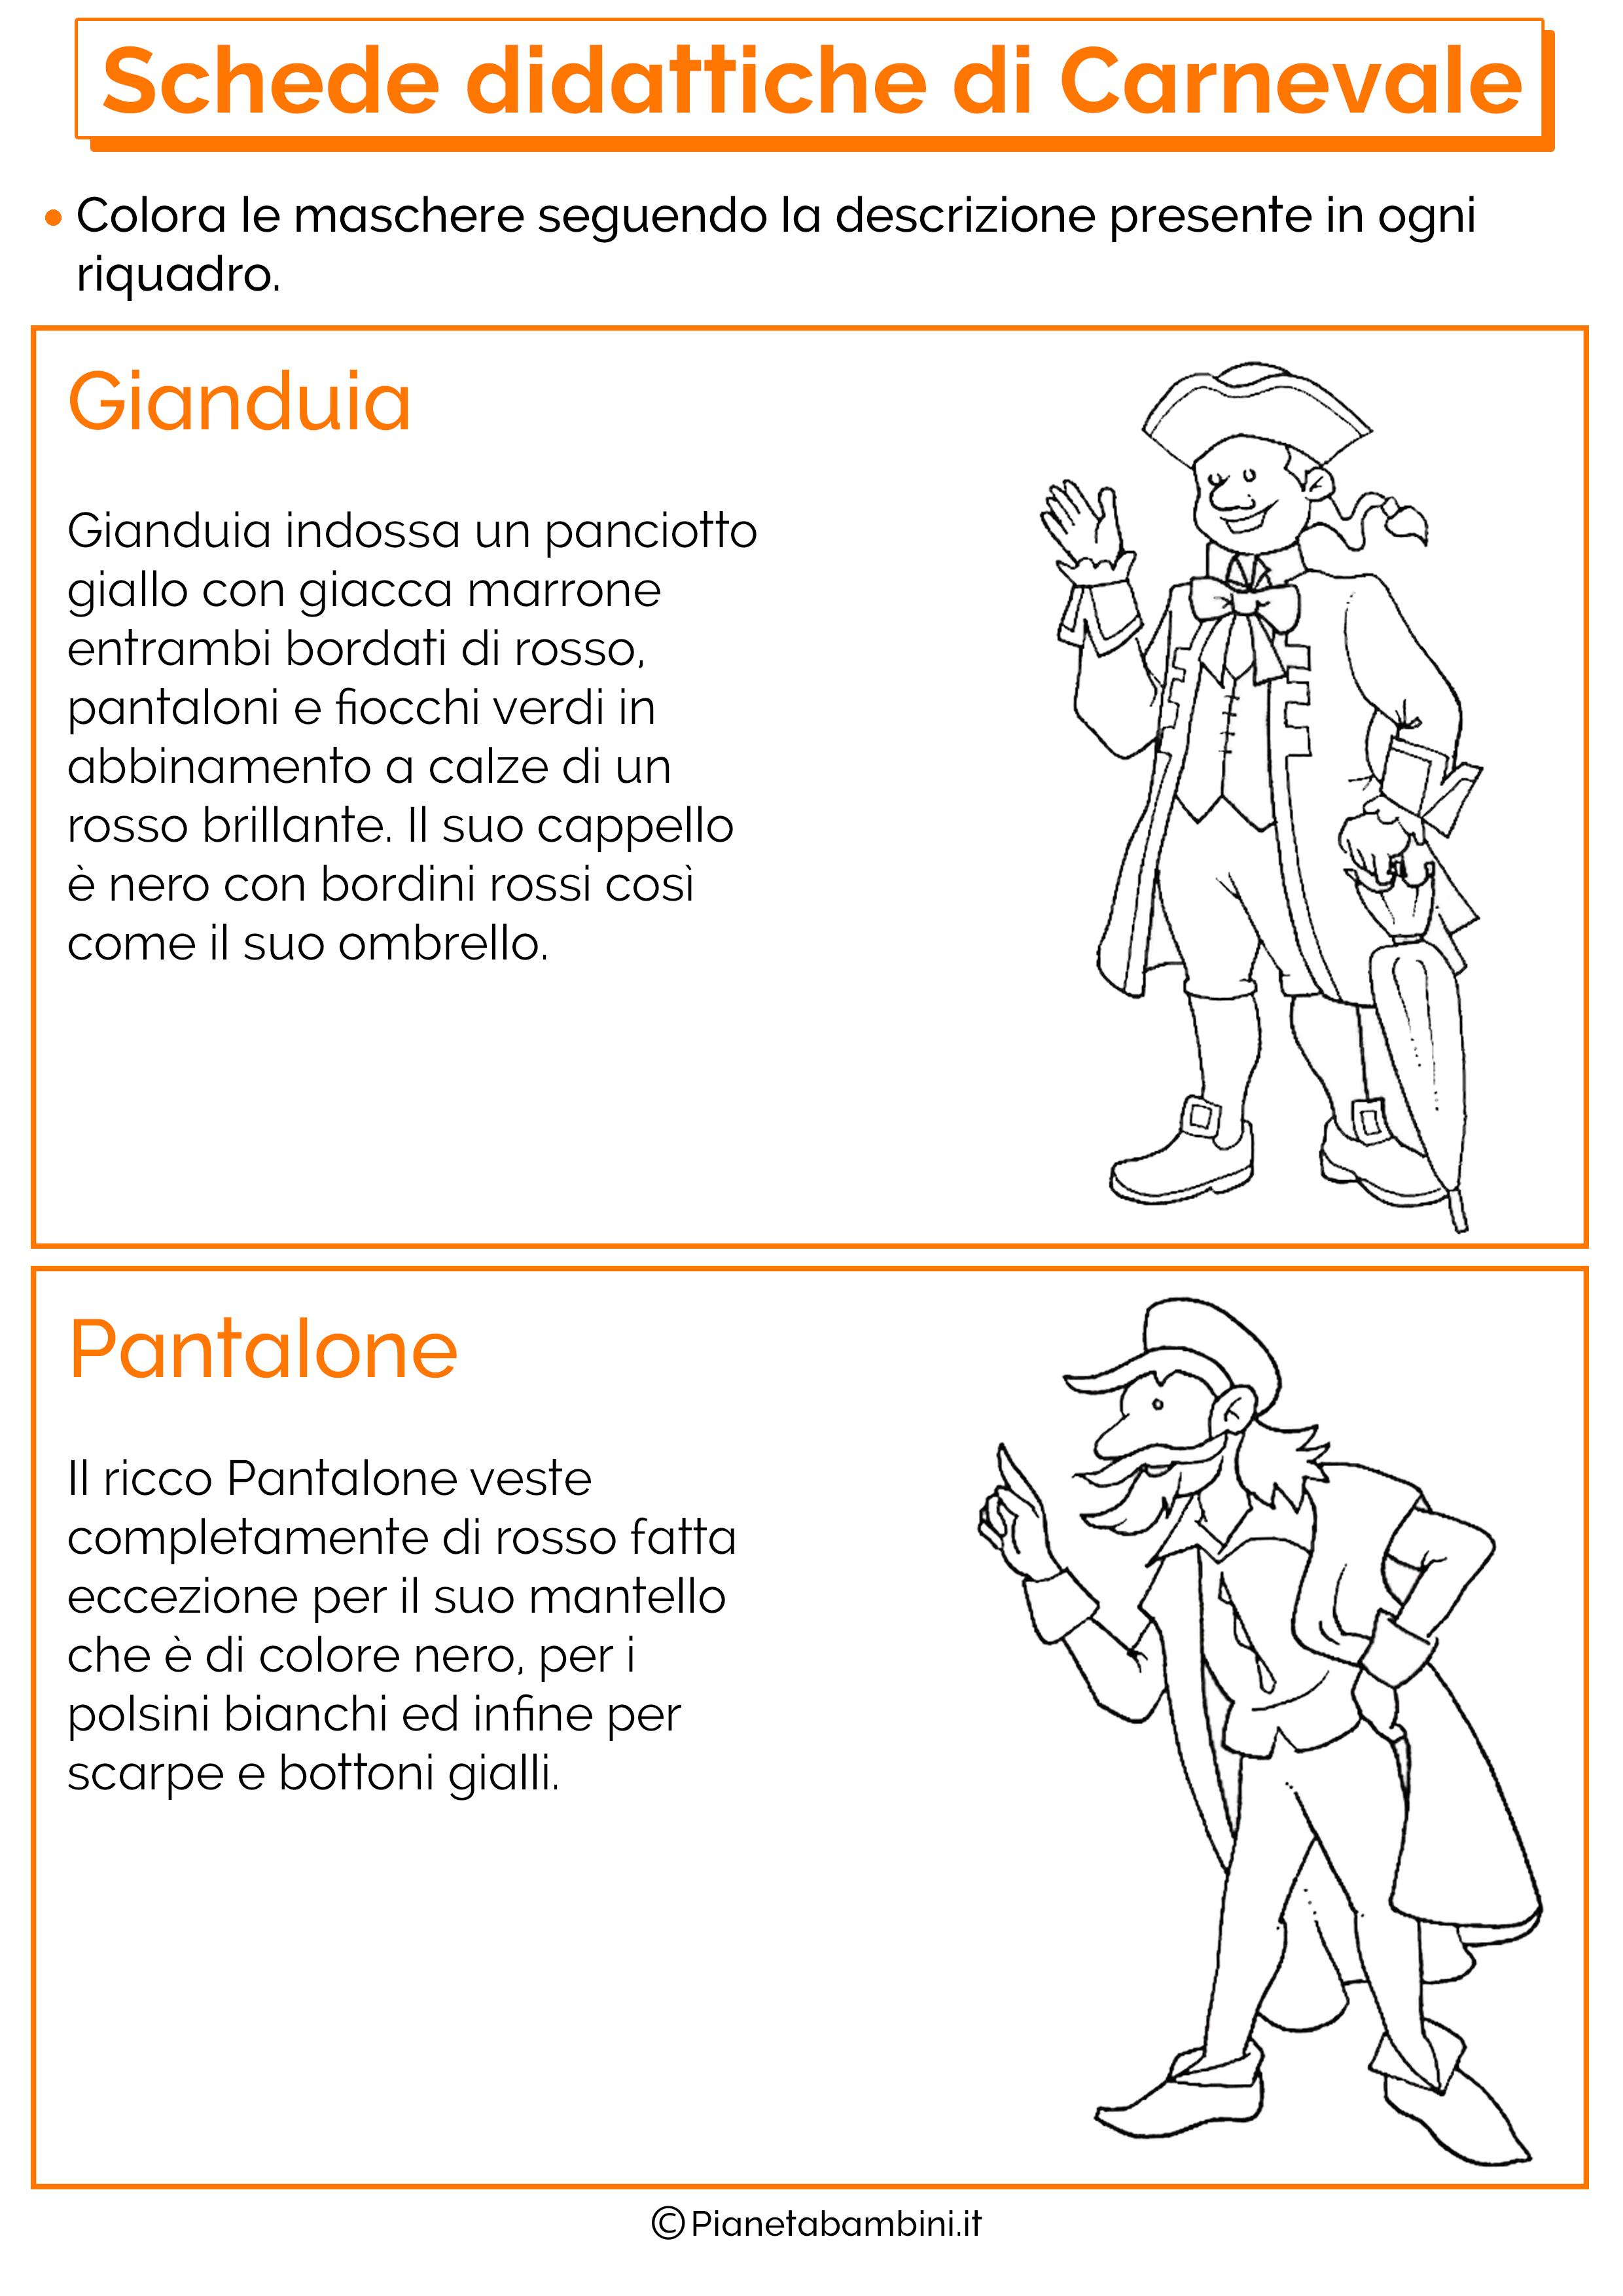 Schede Didattiche Di Carnevale Per La Scuola Primaria